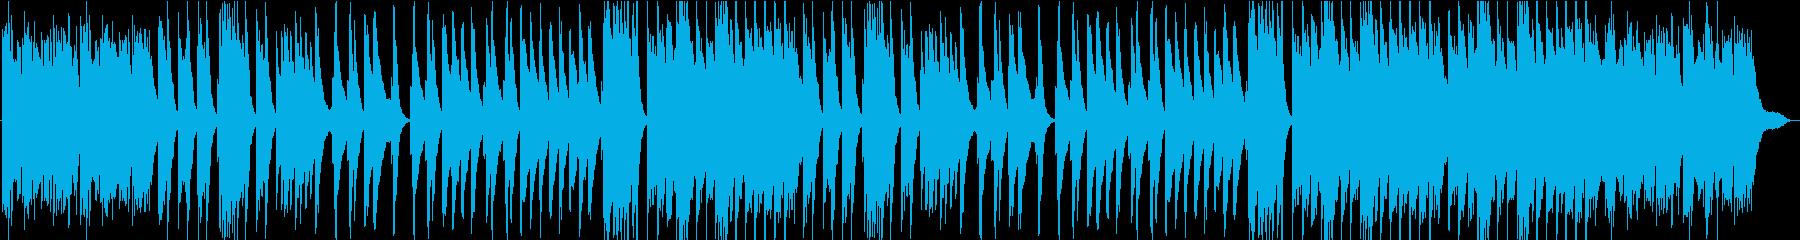 重厚感のあるクラシカルなピアノバラードの再生済みの波形